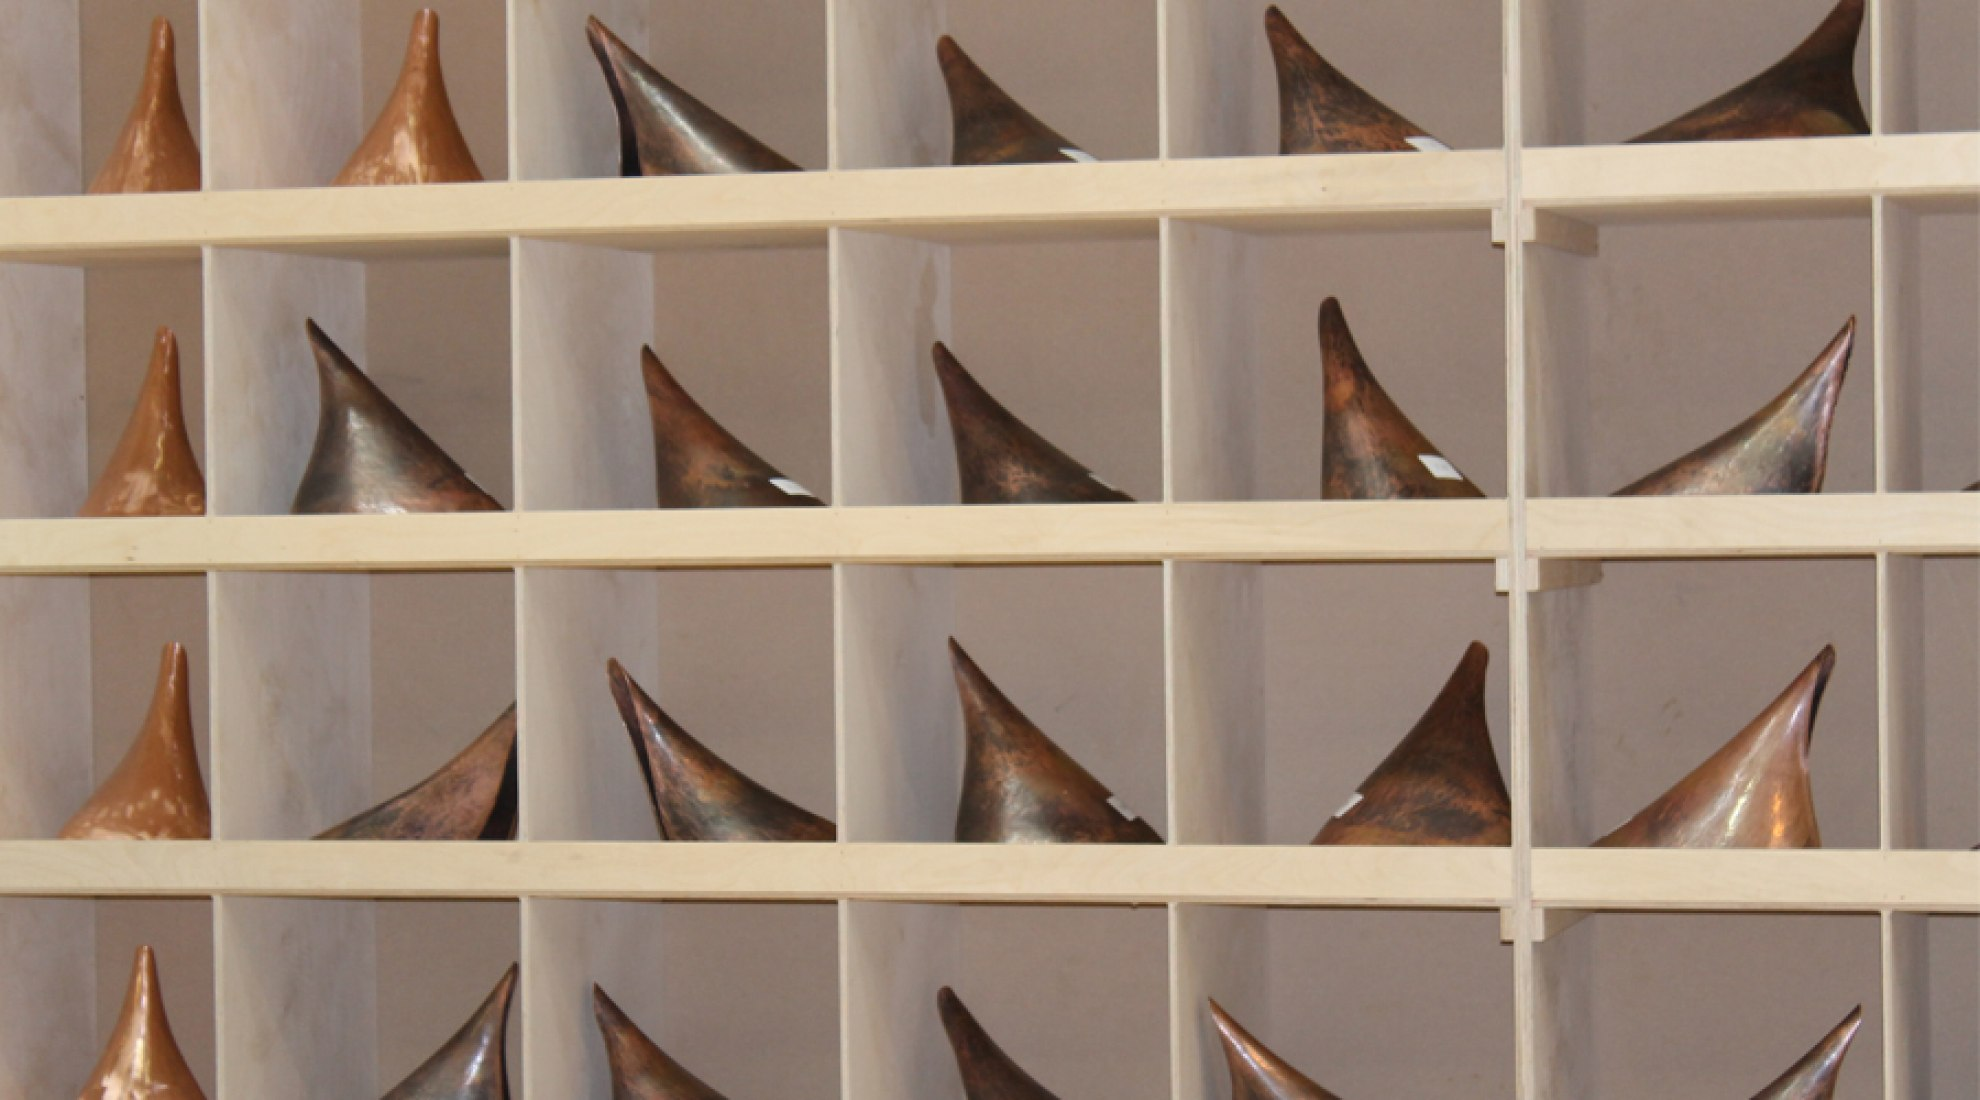 El Pebetero Olímpico Londres 2012. Cada uno de los 205 petalos de cobre tienen inscrito el nombre de cada uno de los países de